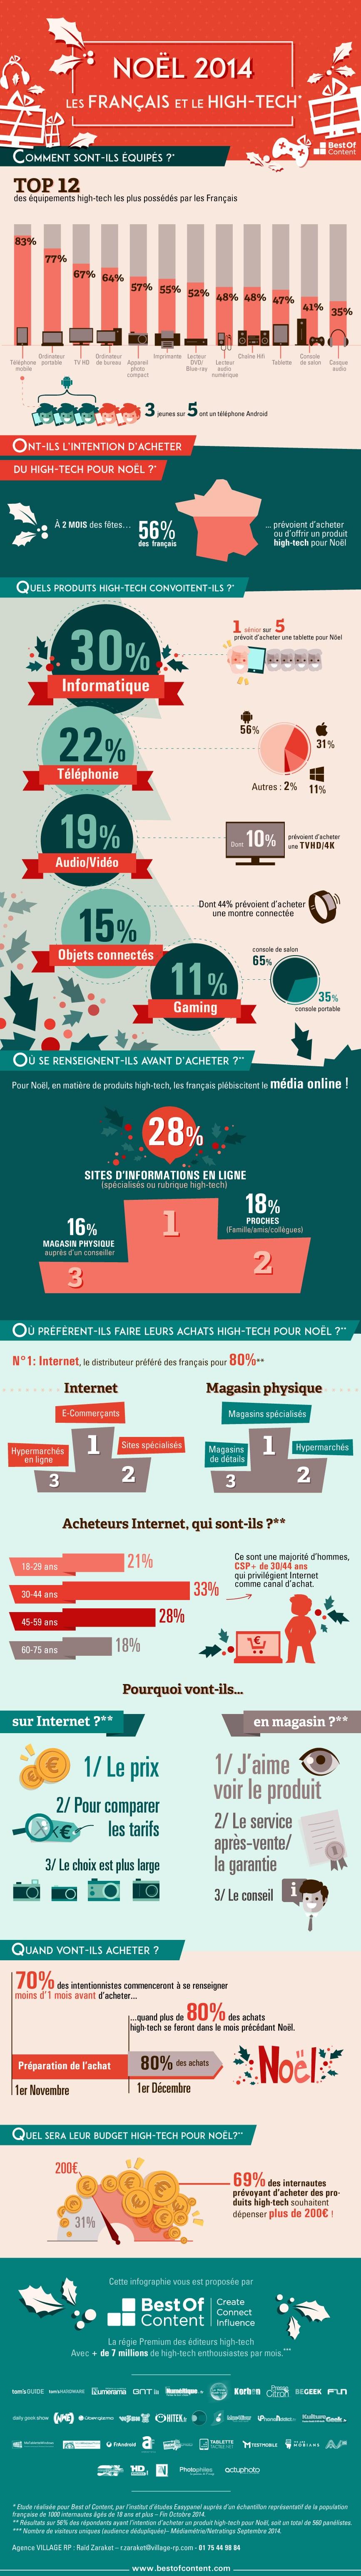 hightechnoel-2014 Infographie : le High-Tech au rendez-vous chez les français pour Noël 2014 !